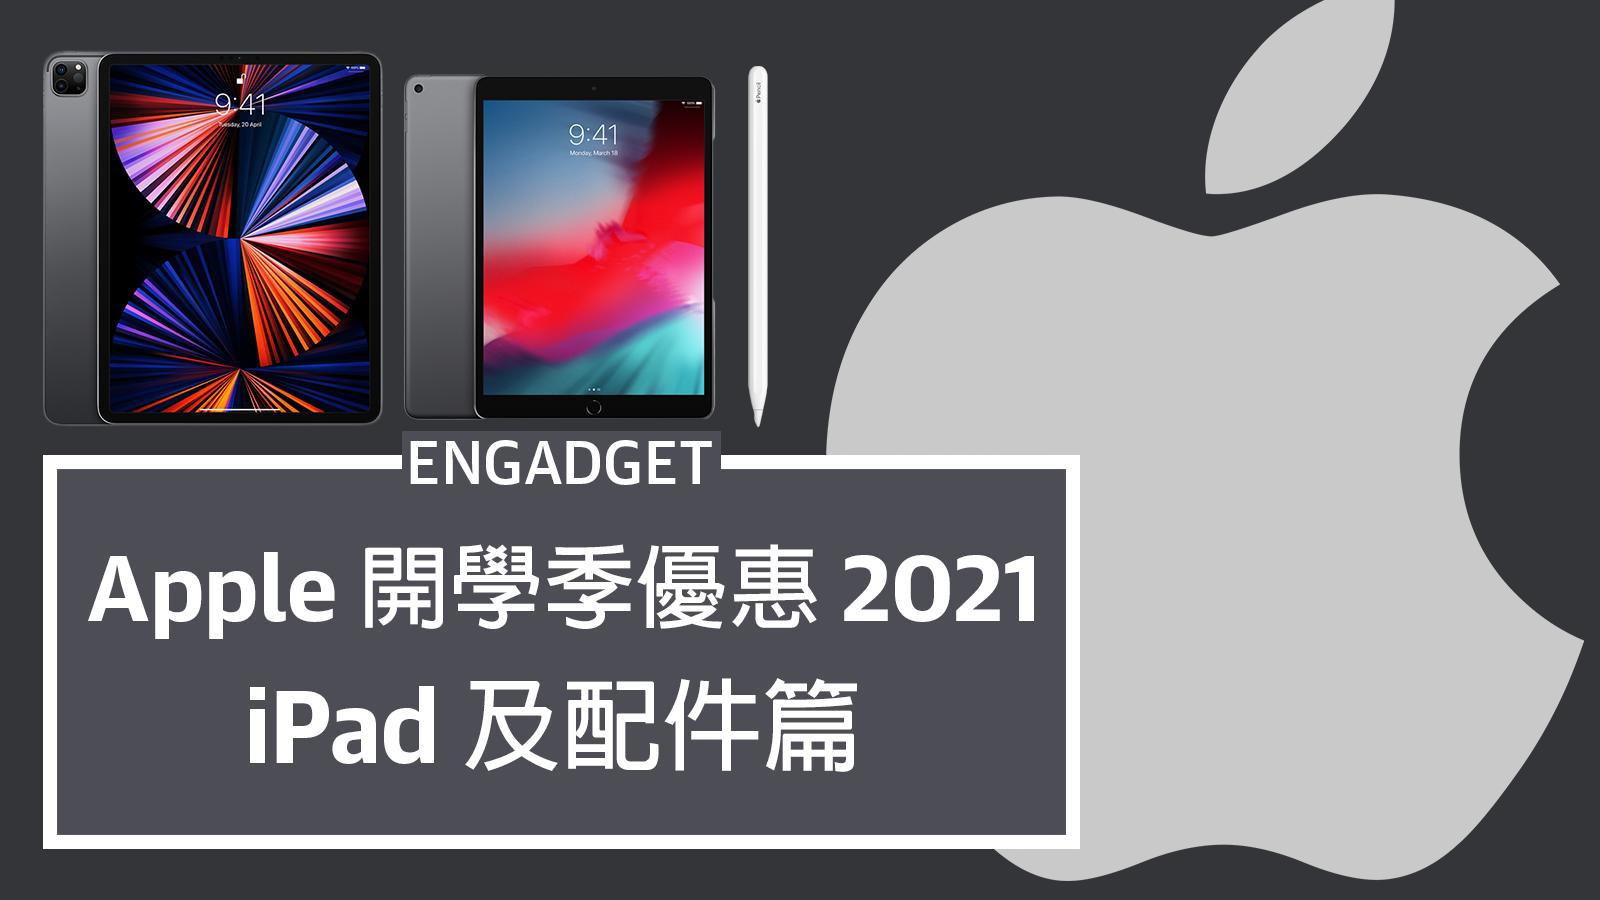 Apple 開學季優惠 2021:iPad Pro 最高節省 HK$800,送 AirPods、八折 Apple Care+